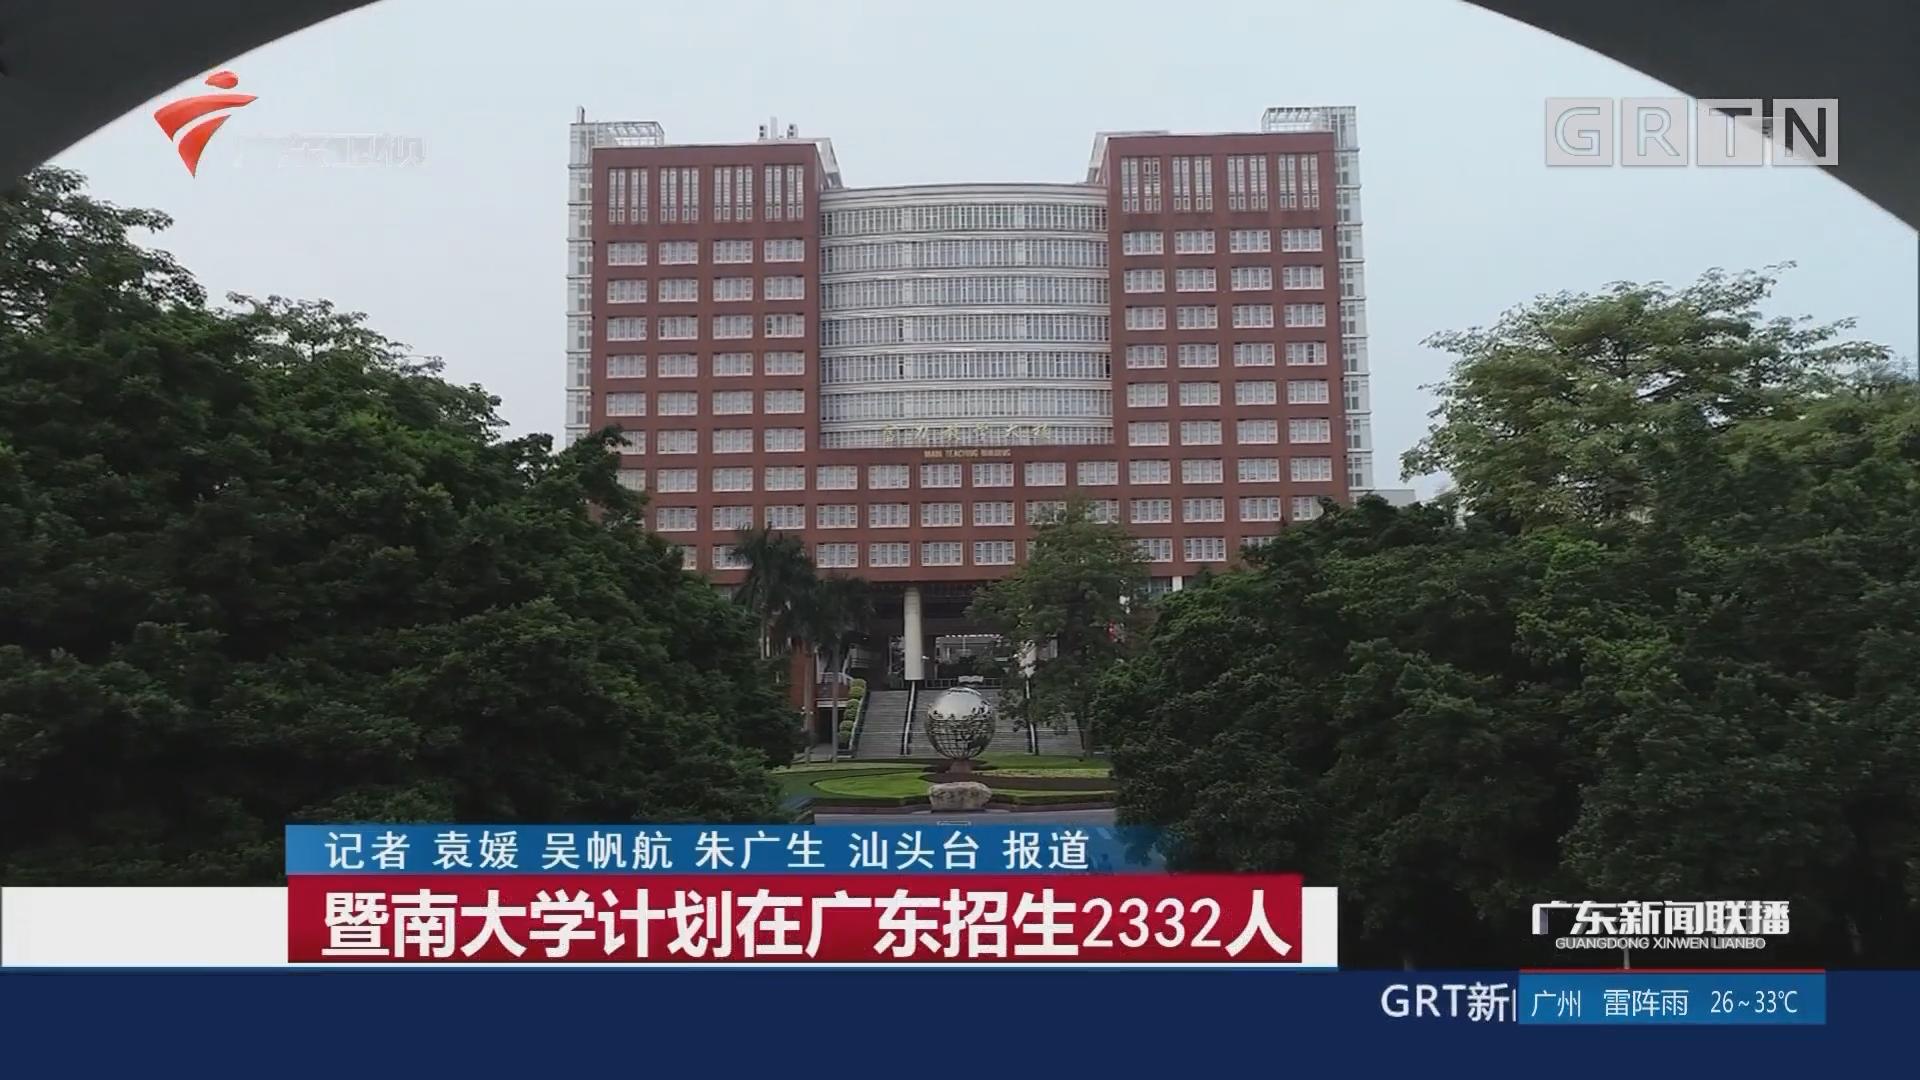 暨南大學計劃在廣東招生2332人